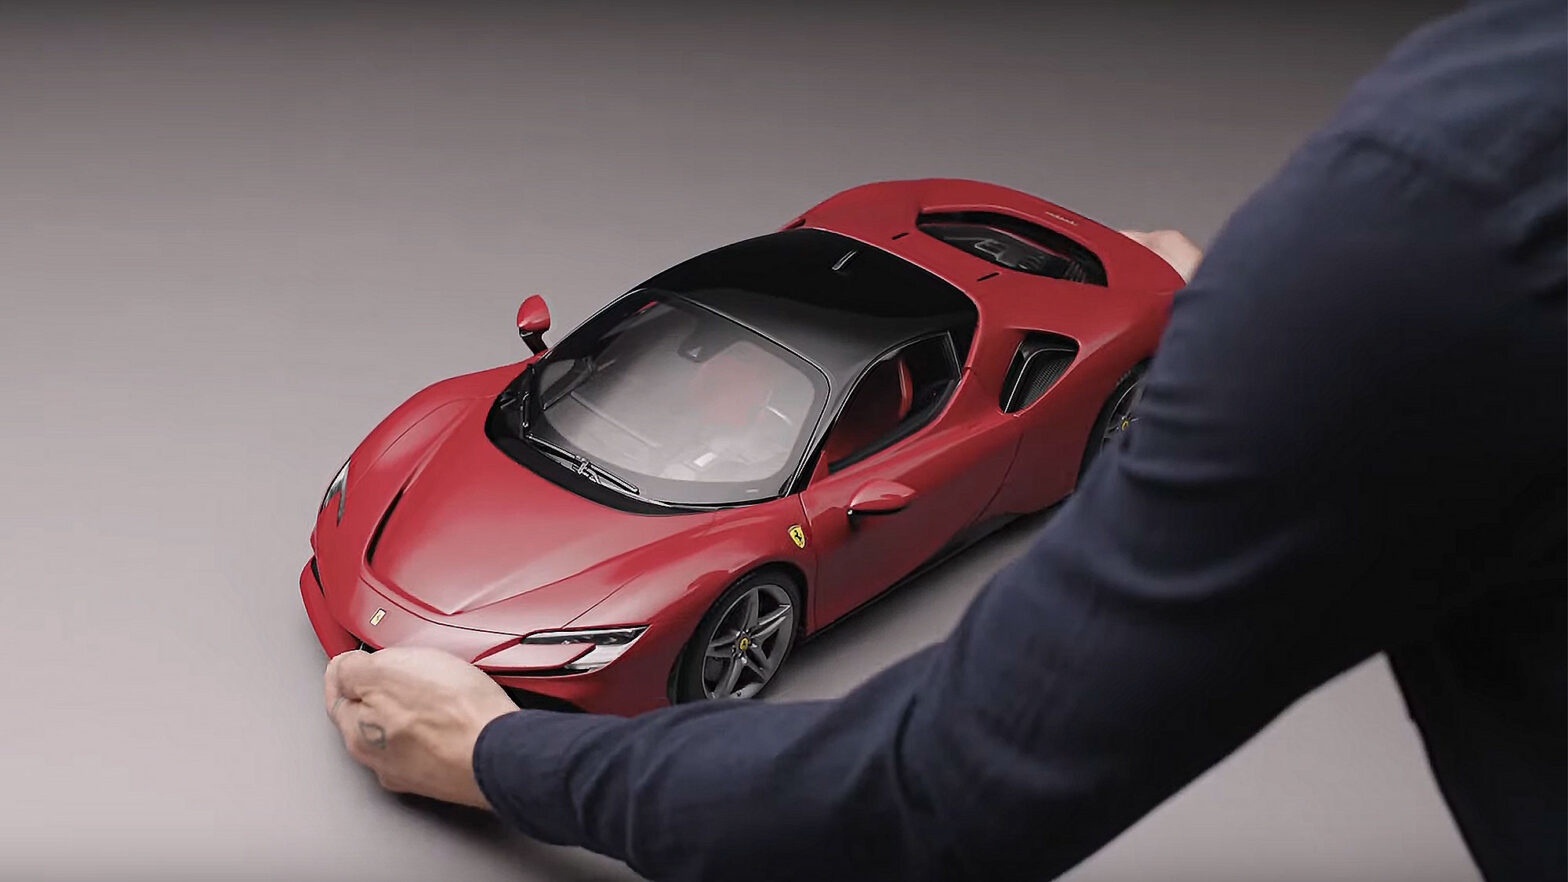 Amalgam Scale Model for Buyers of Ferrari